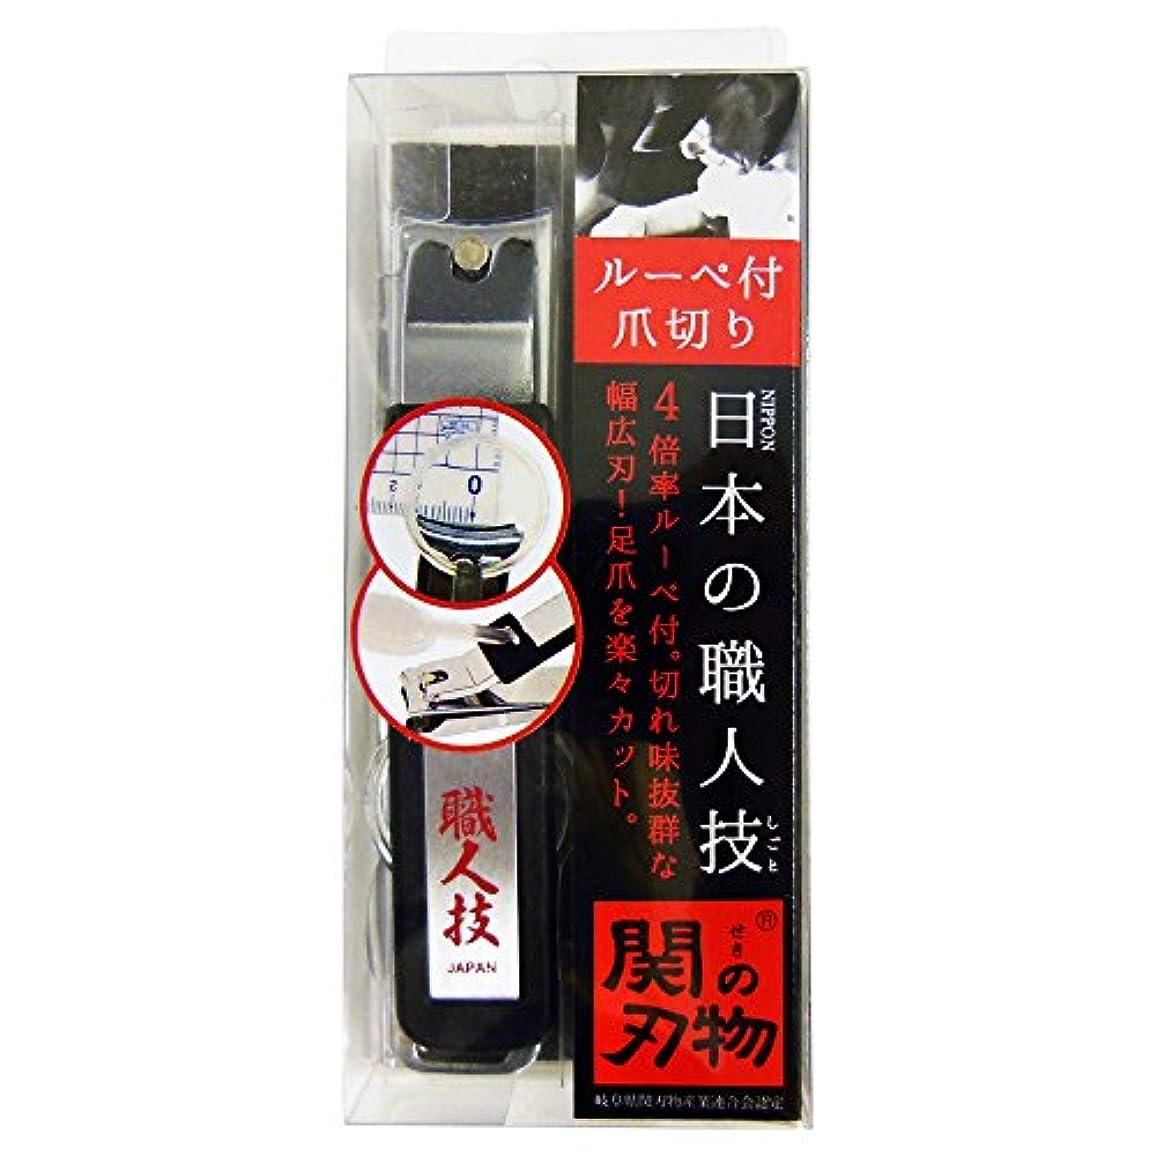 しっかりレオナルドダブリッジ関の刃物 ルーペ付爪切り SK-07 (1個入)